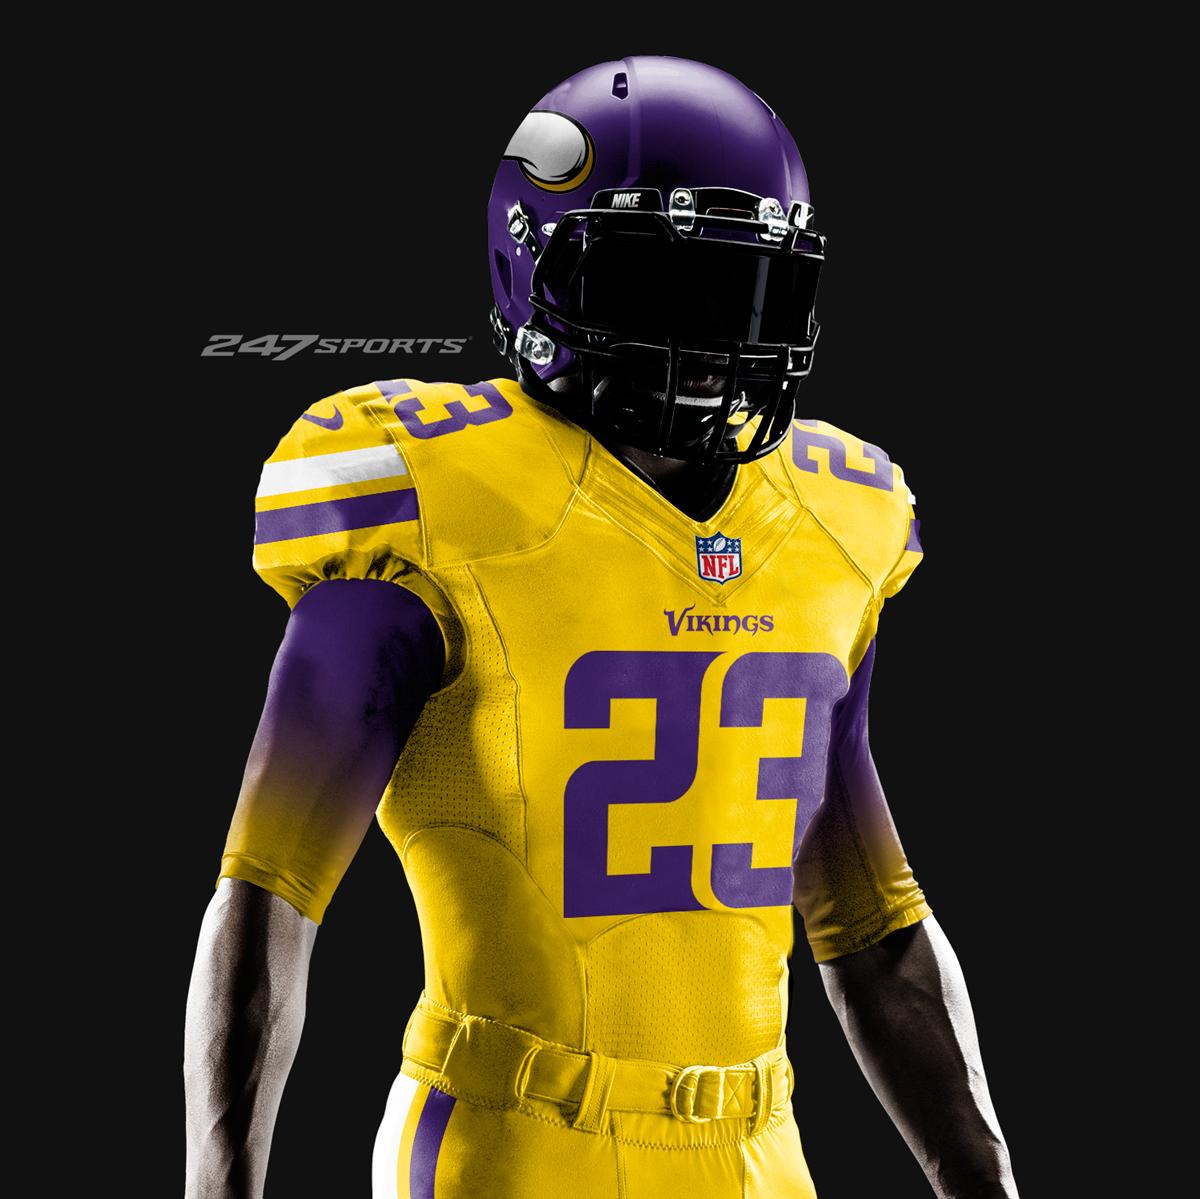 ee0f8a8d5 257813 | color rush | Color rush uniforms, Nfl color rush uniforms ...